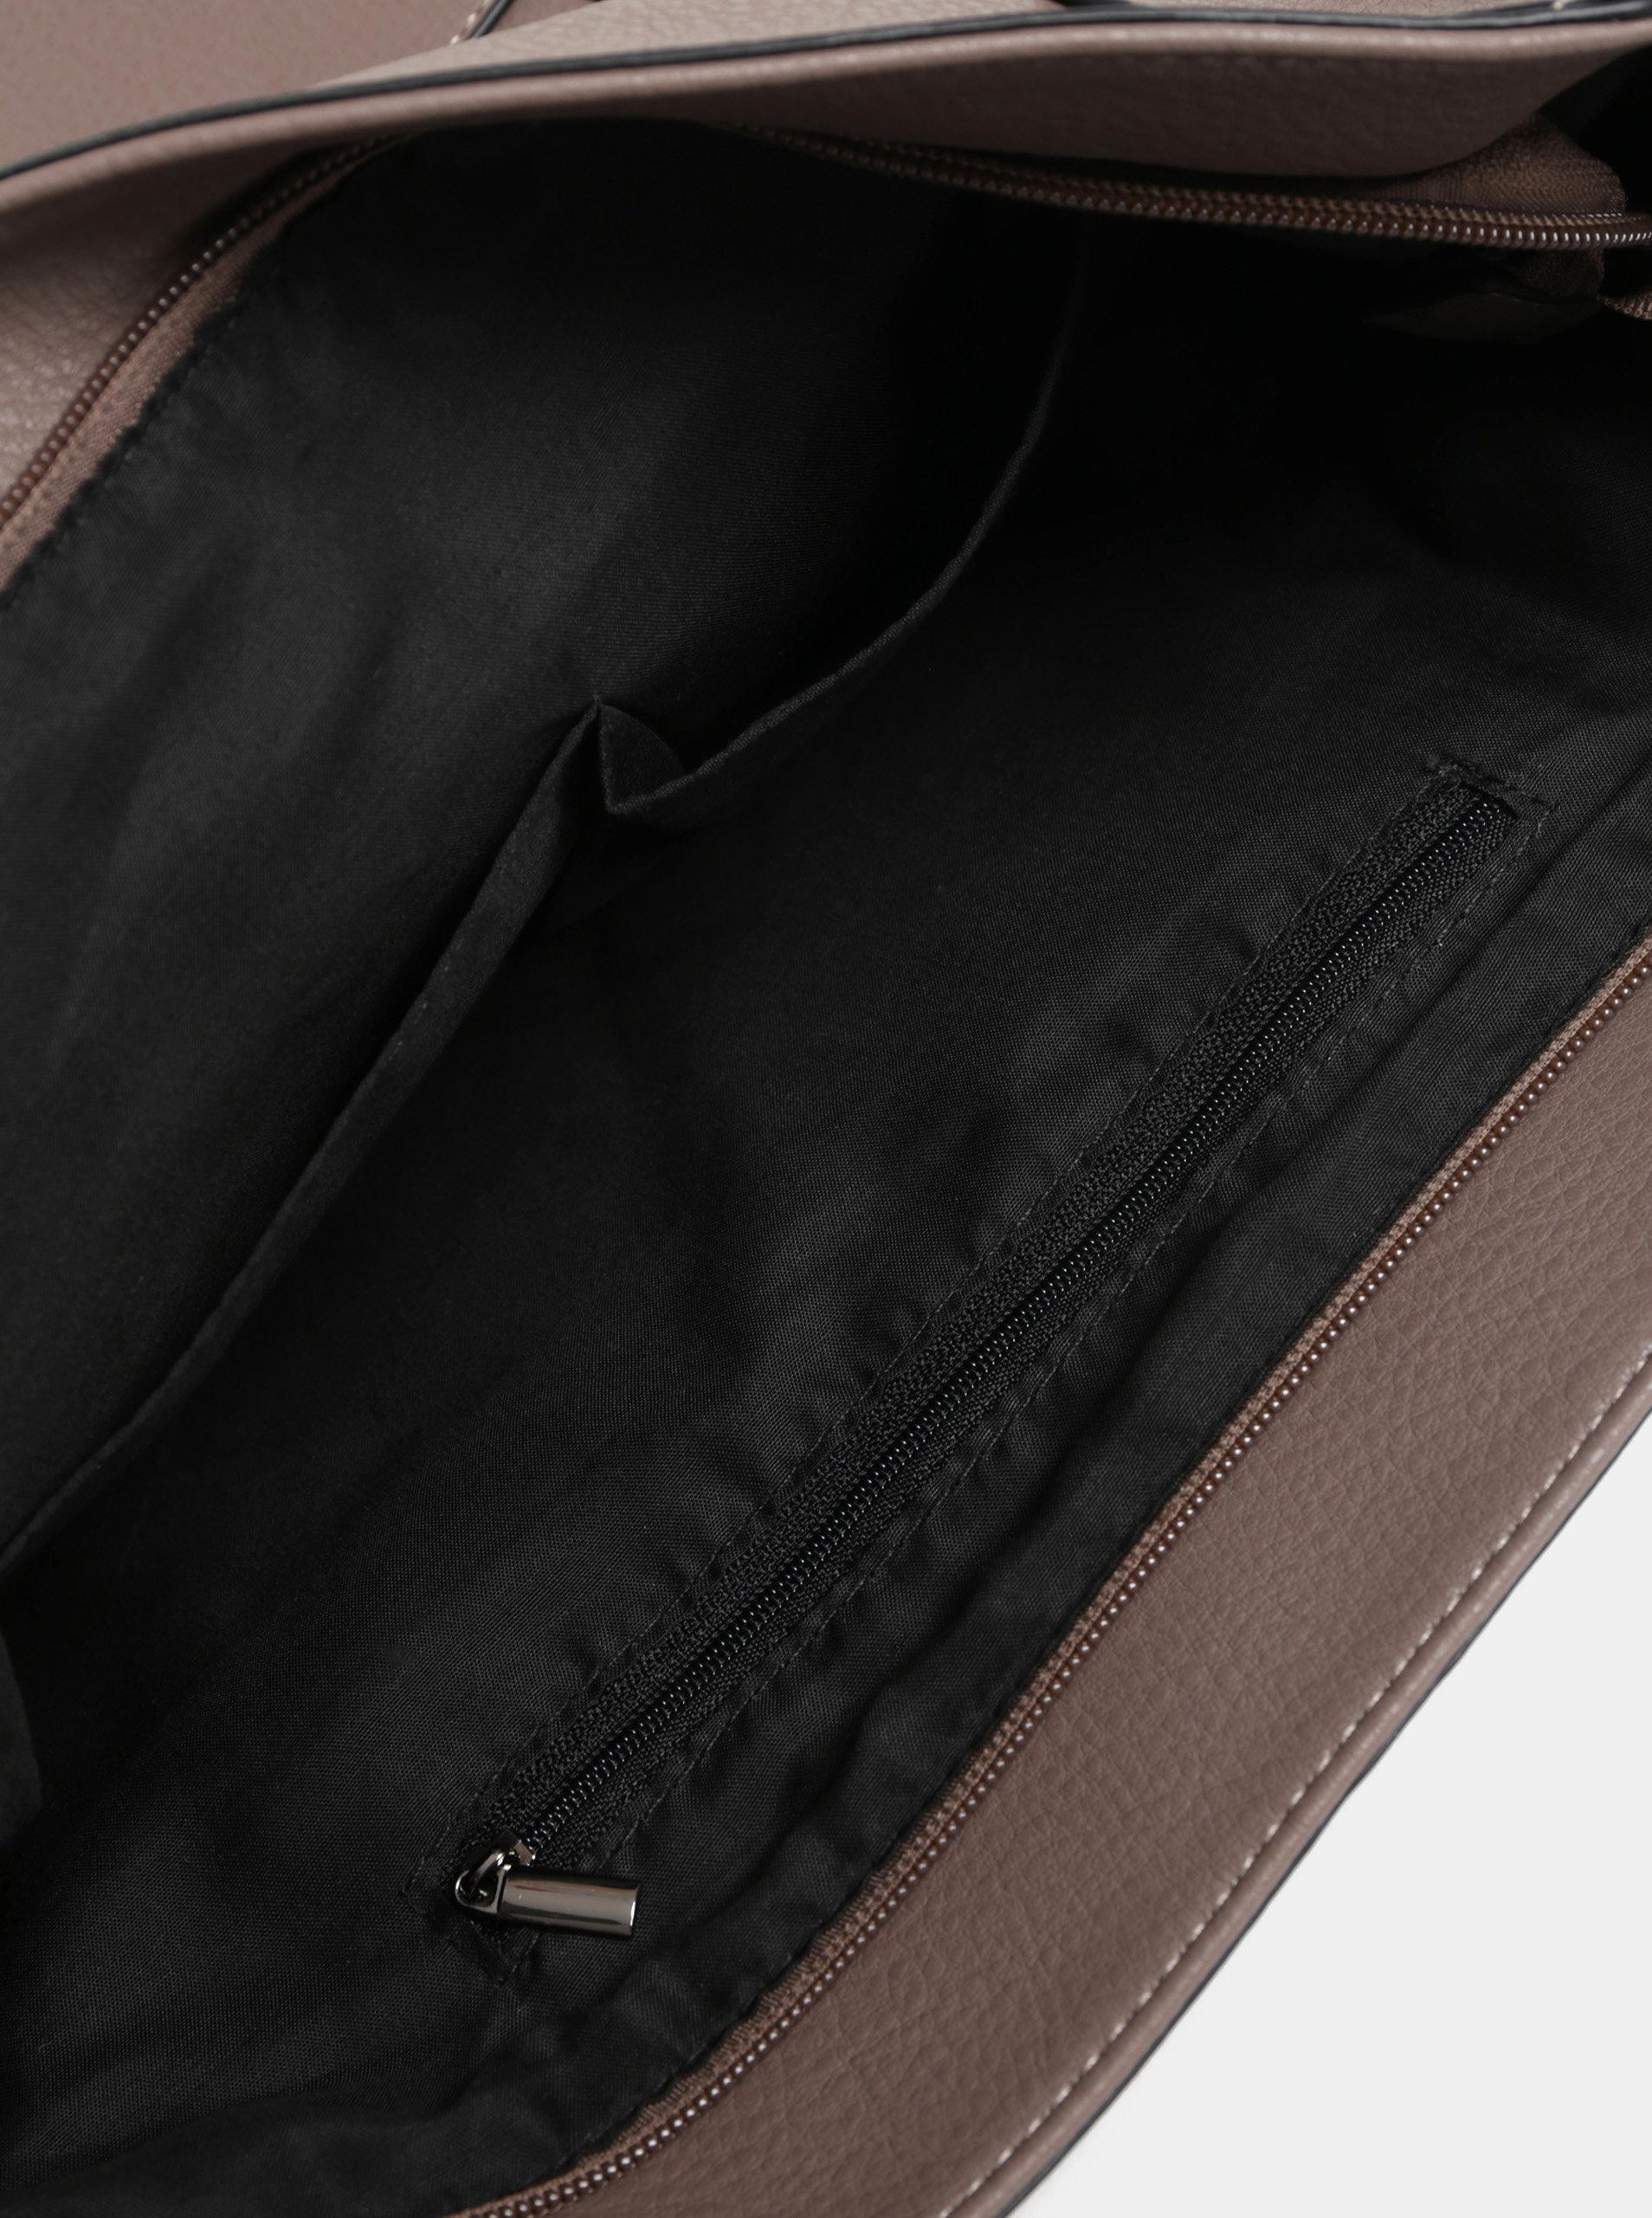 Hnedá veľká kabelka s kovovými detailmi Dorothy Perkins ... eec8f49f85a